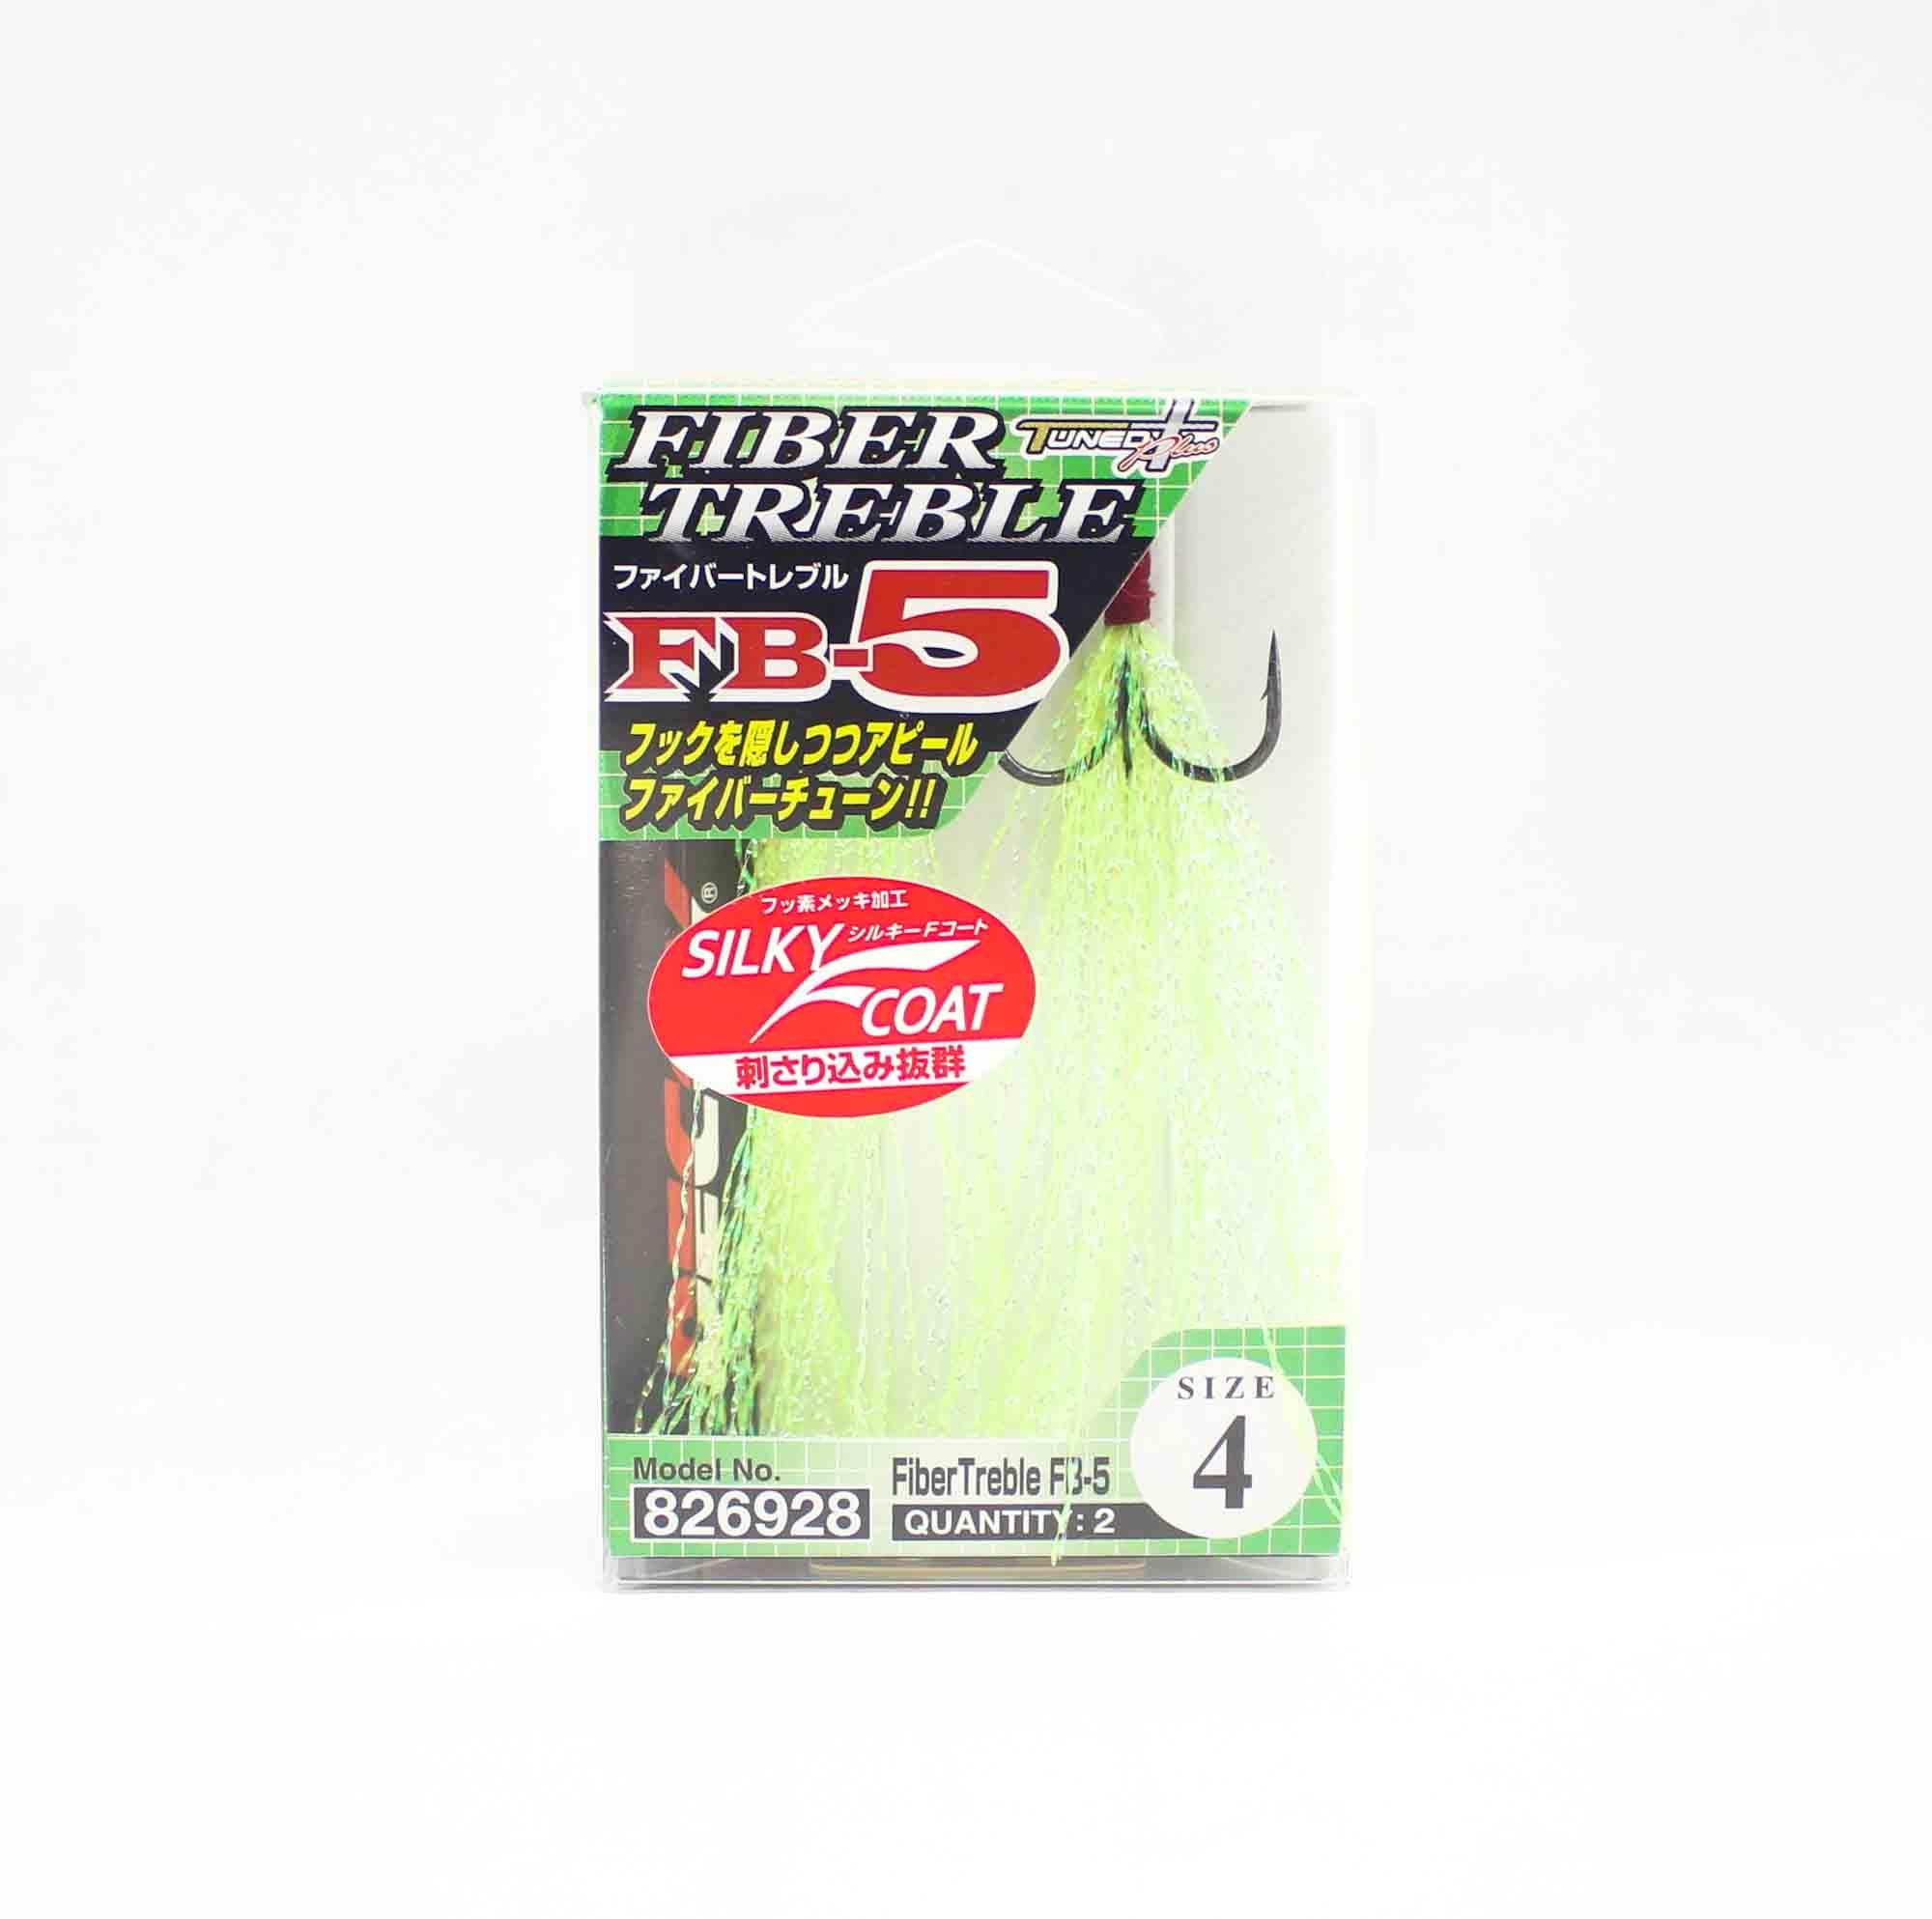 Decoy FB-5 Treble Hook Fiber Size 4 (6928)